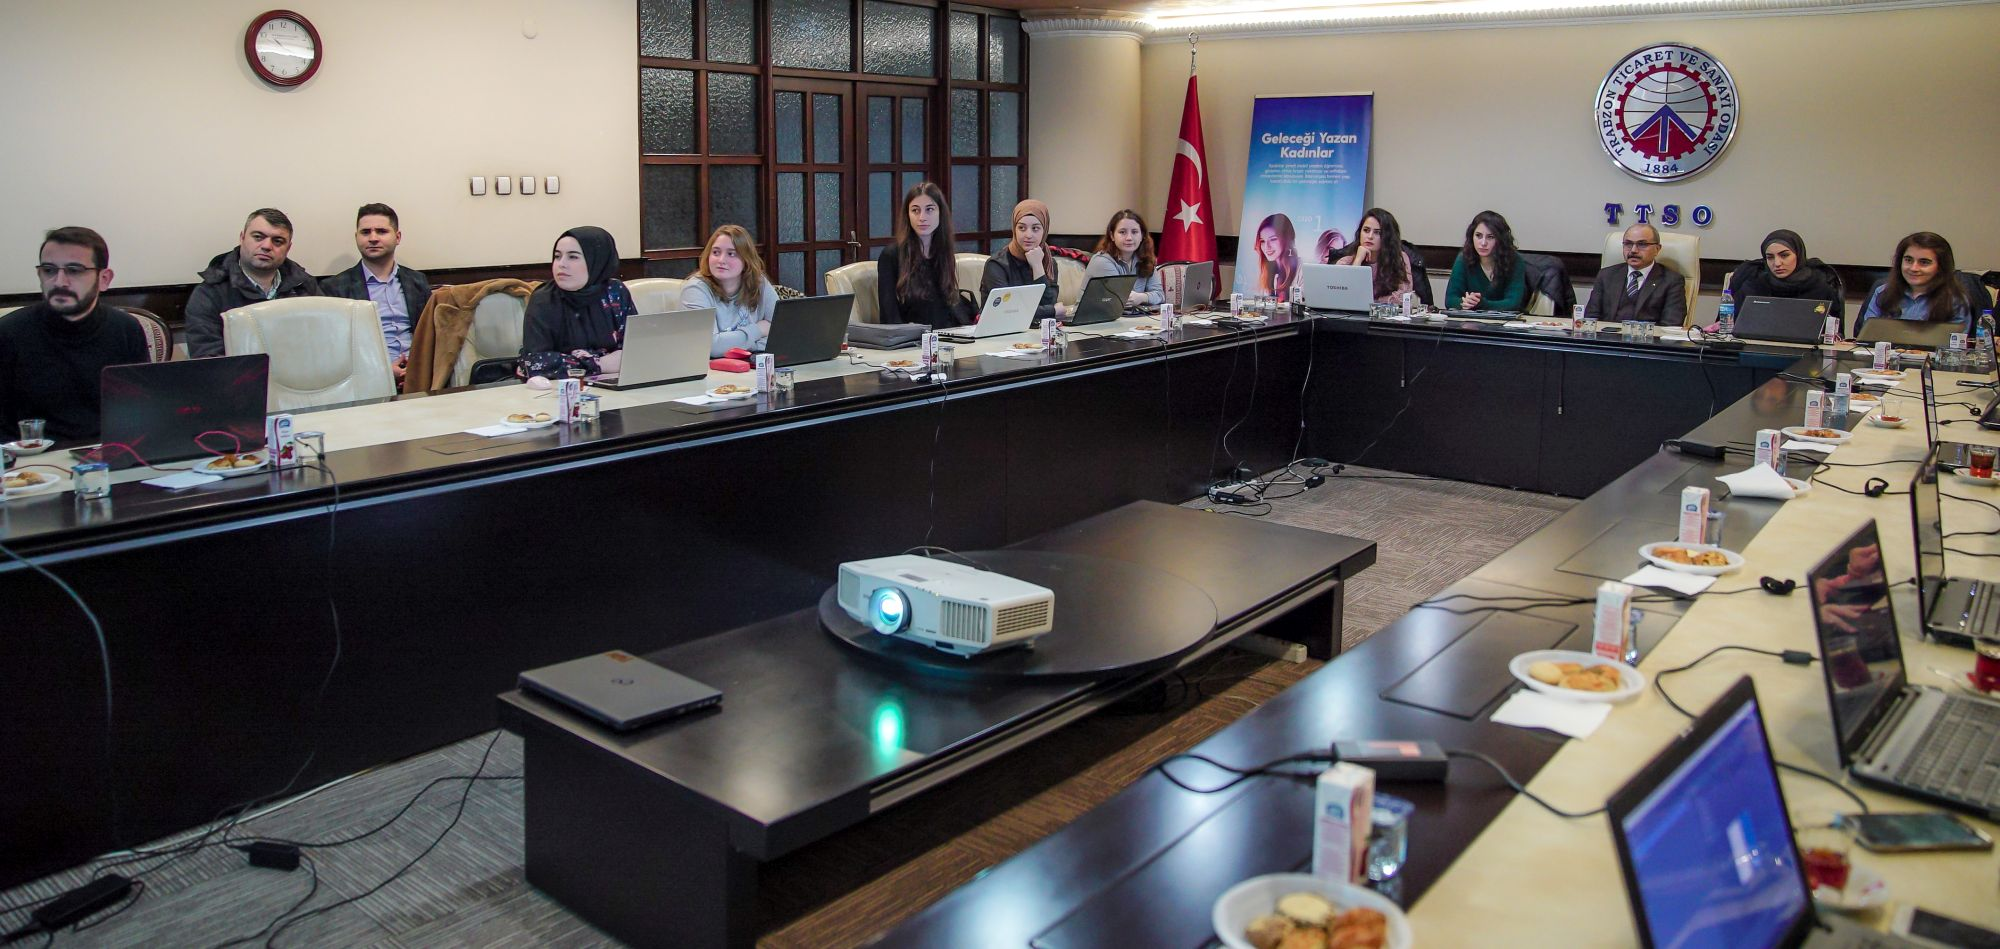 Trabzon'da Geleceği Yazan Kadınlar Projesi eğitimleri başladı